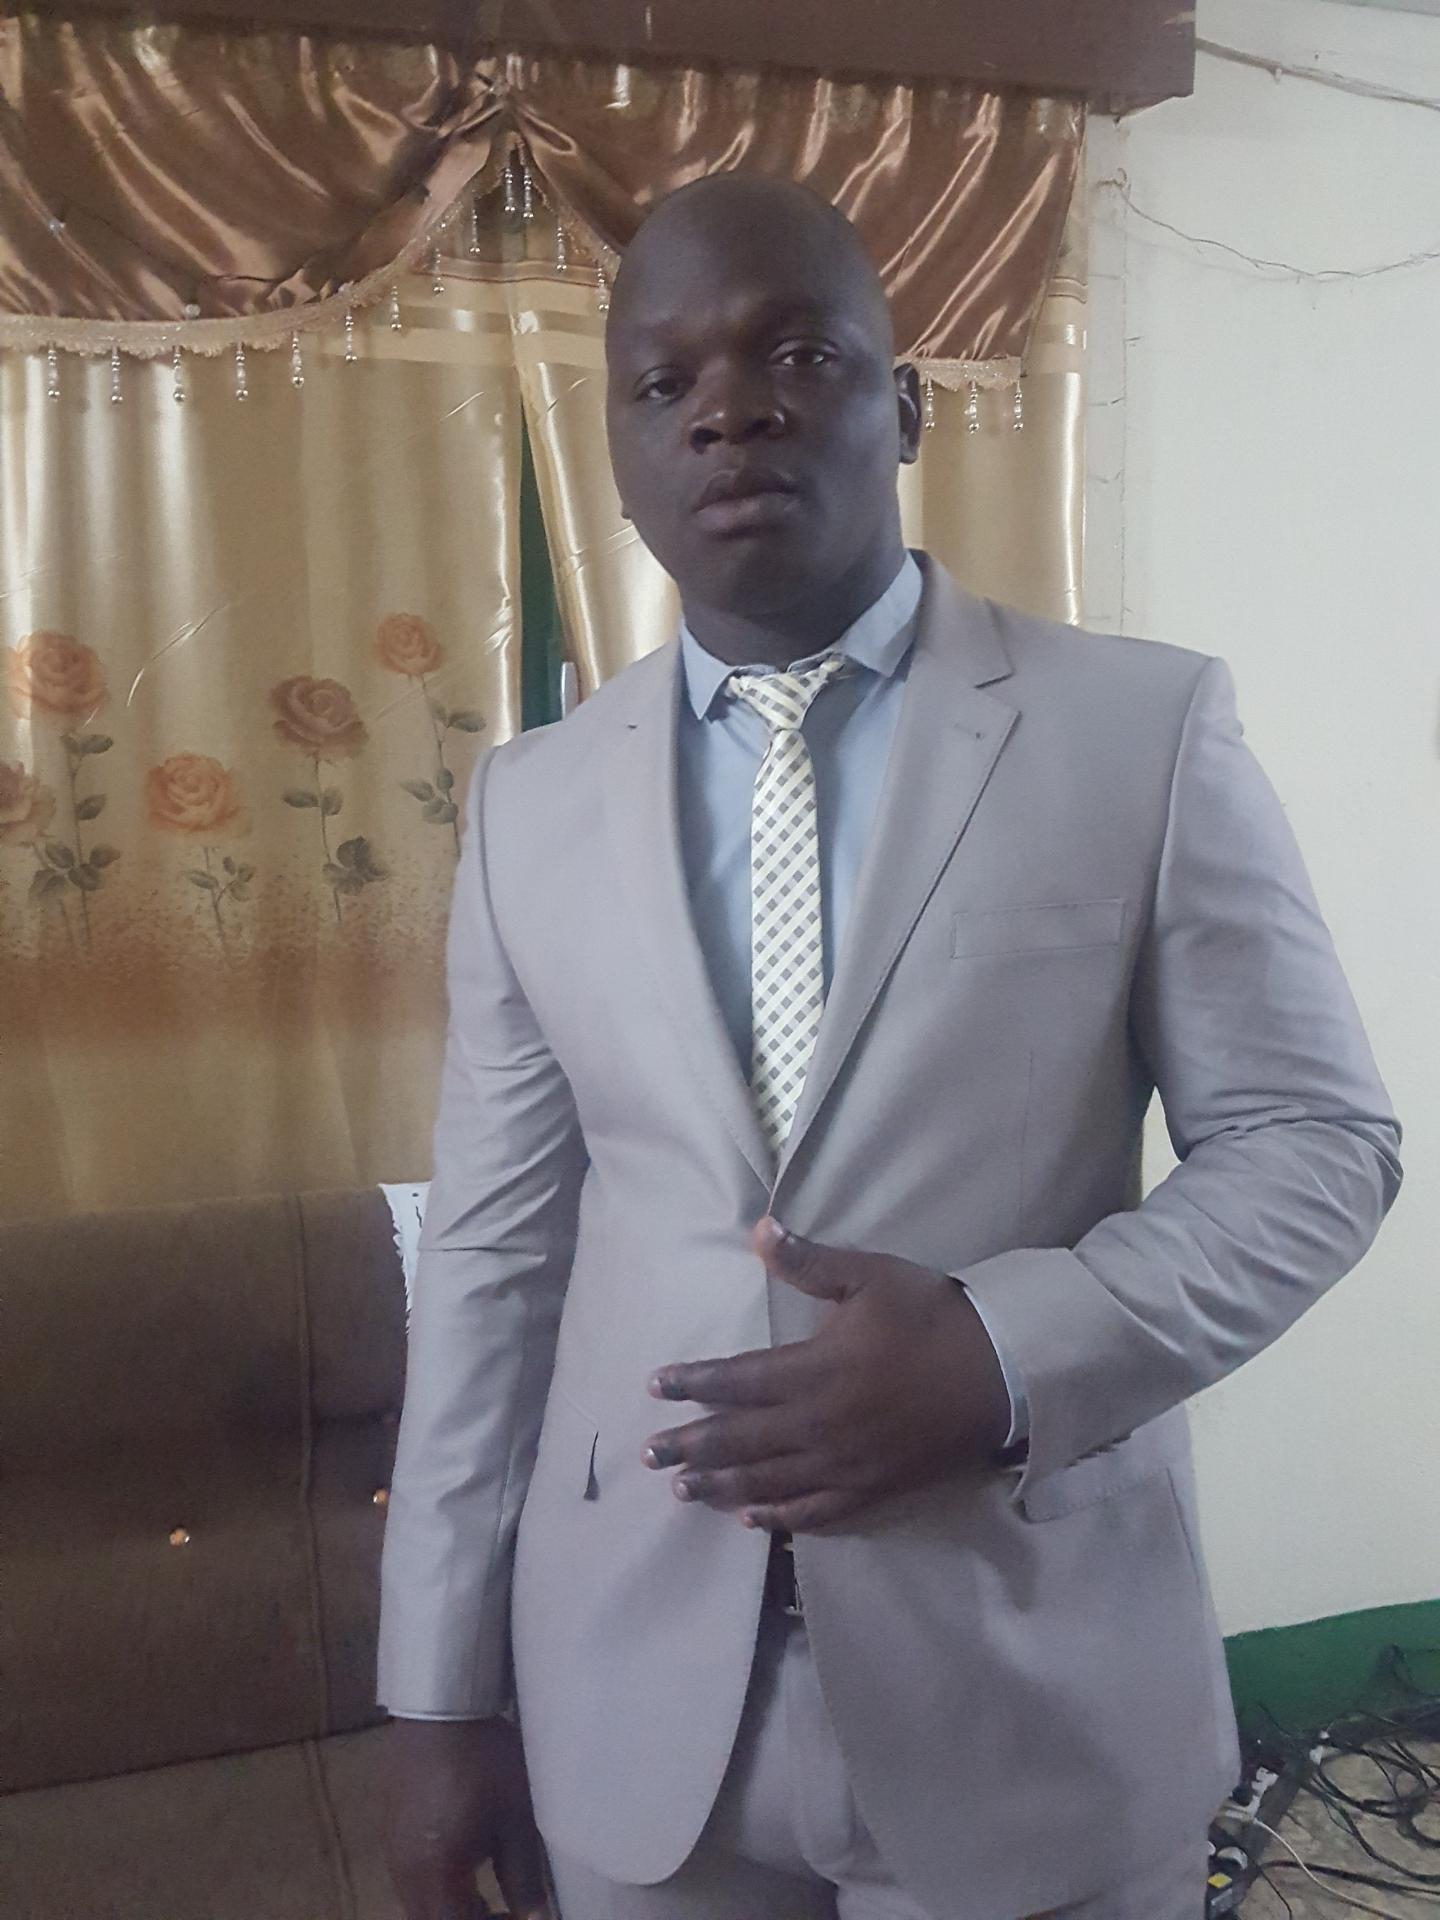 KAMBOU Benjamin